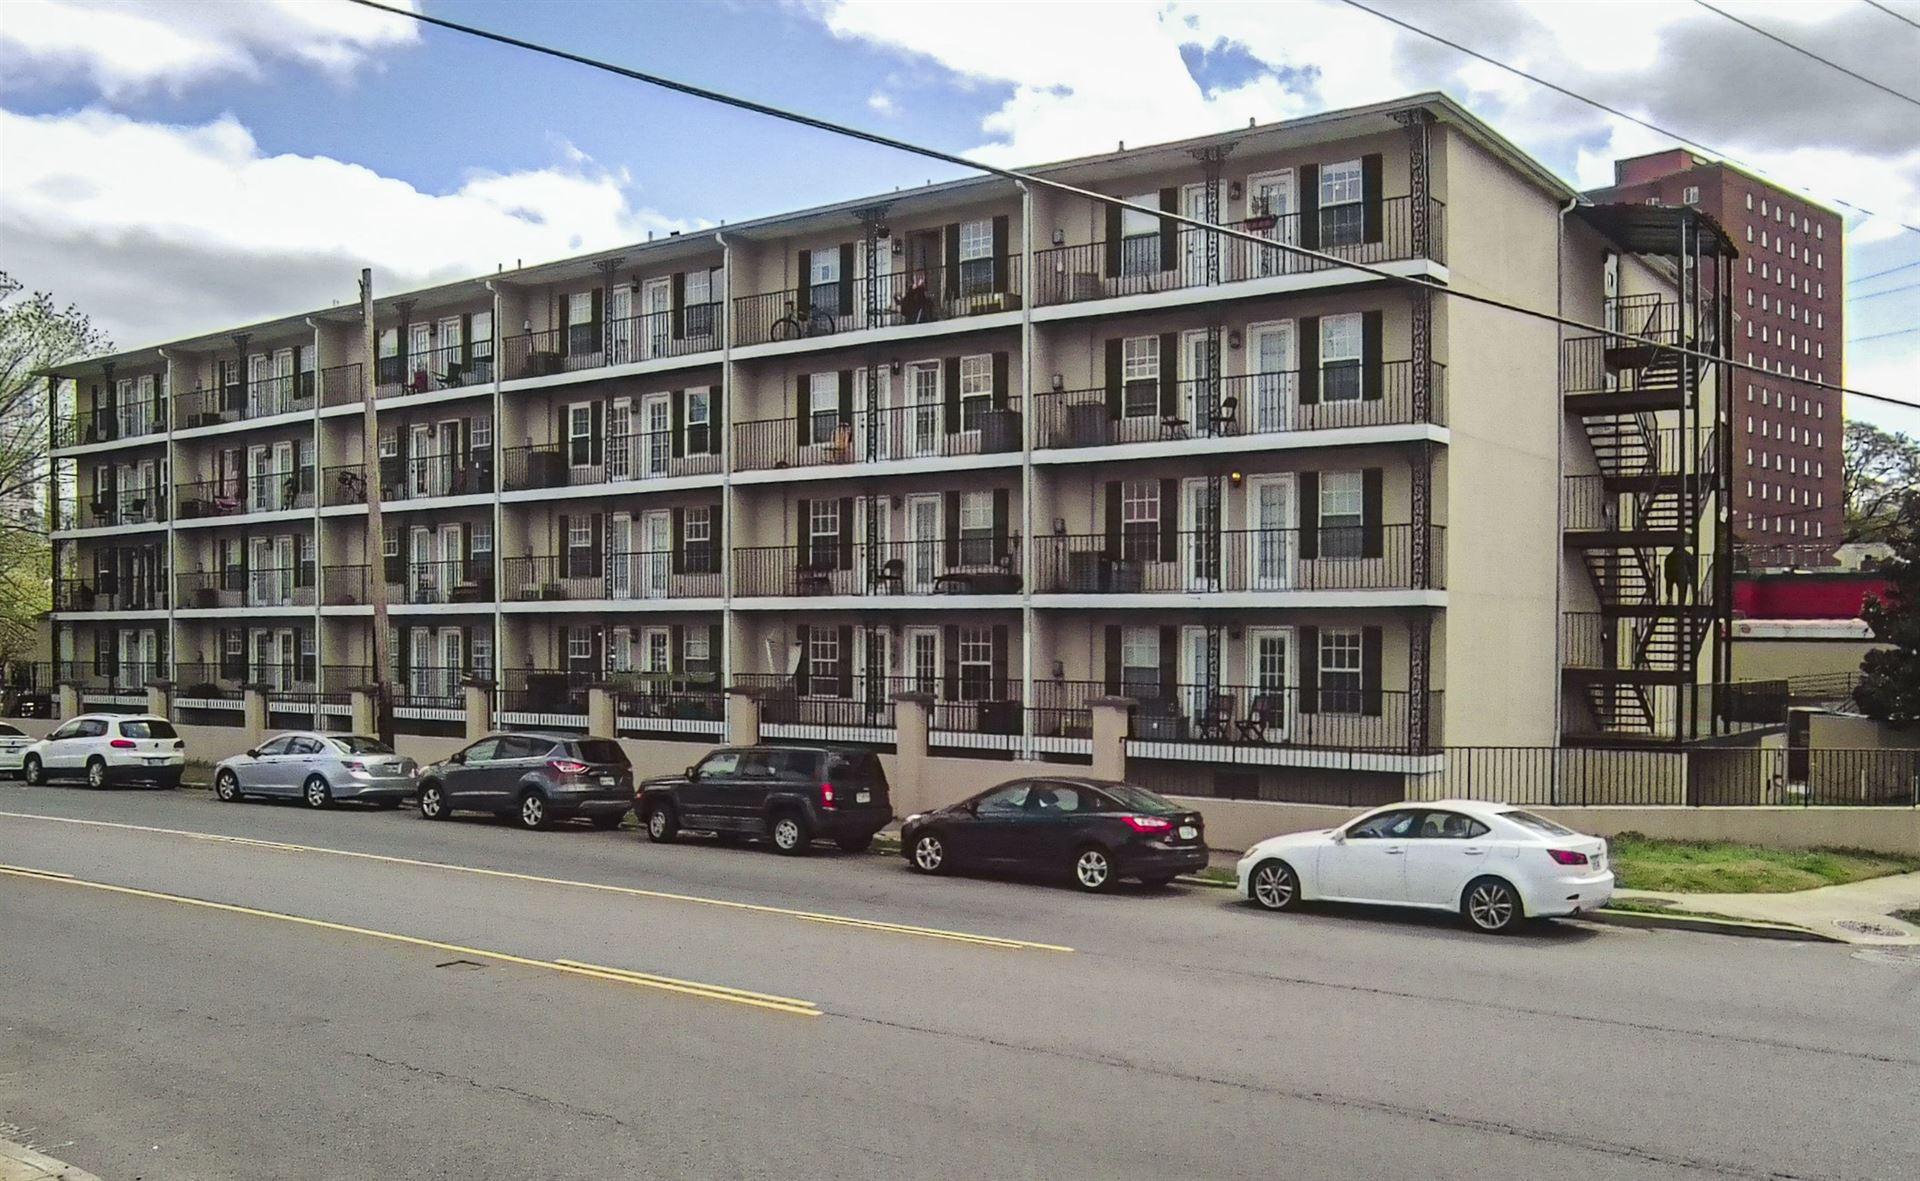 Photo of 2325 Elliston Pl #108, Nashville, TN 37203 (MLS # 2239287)